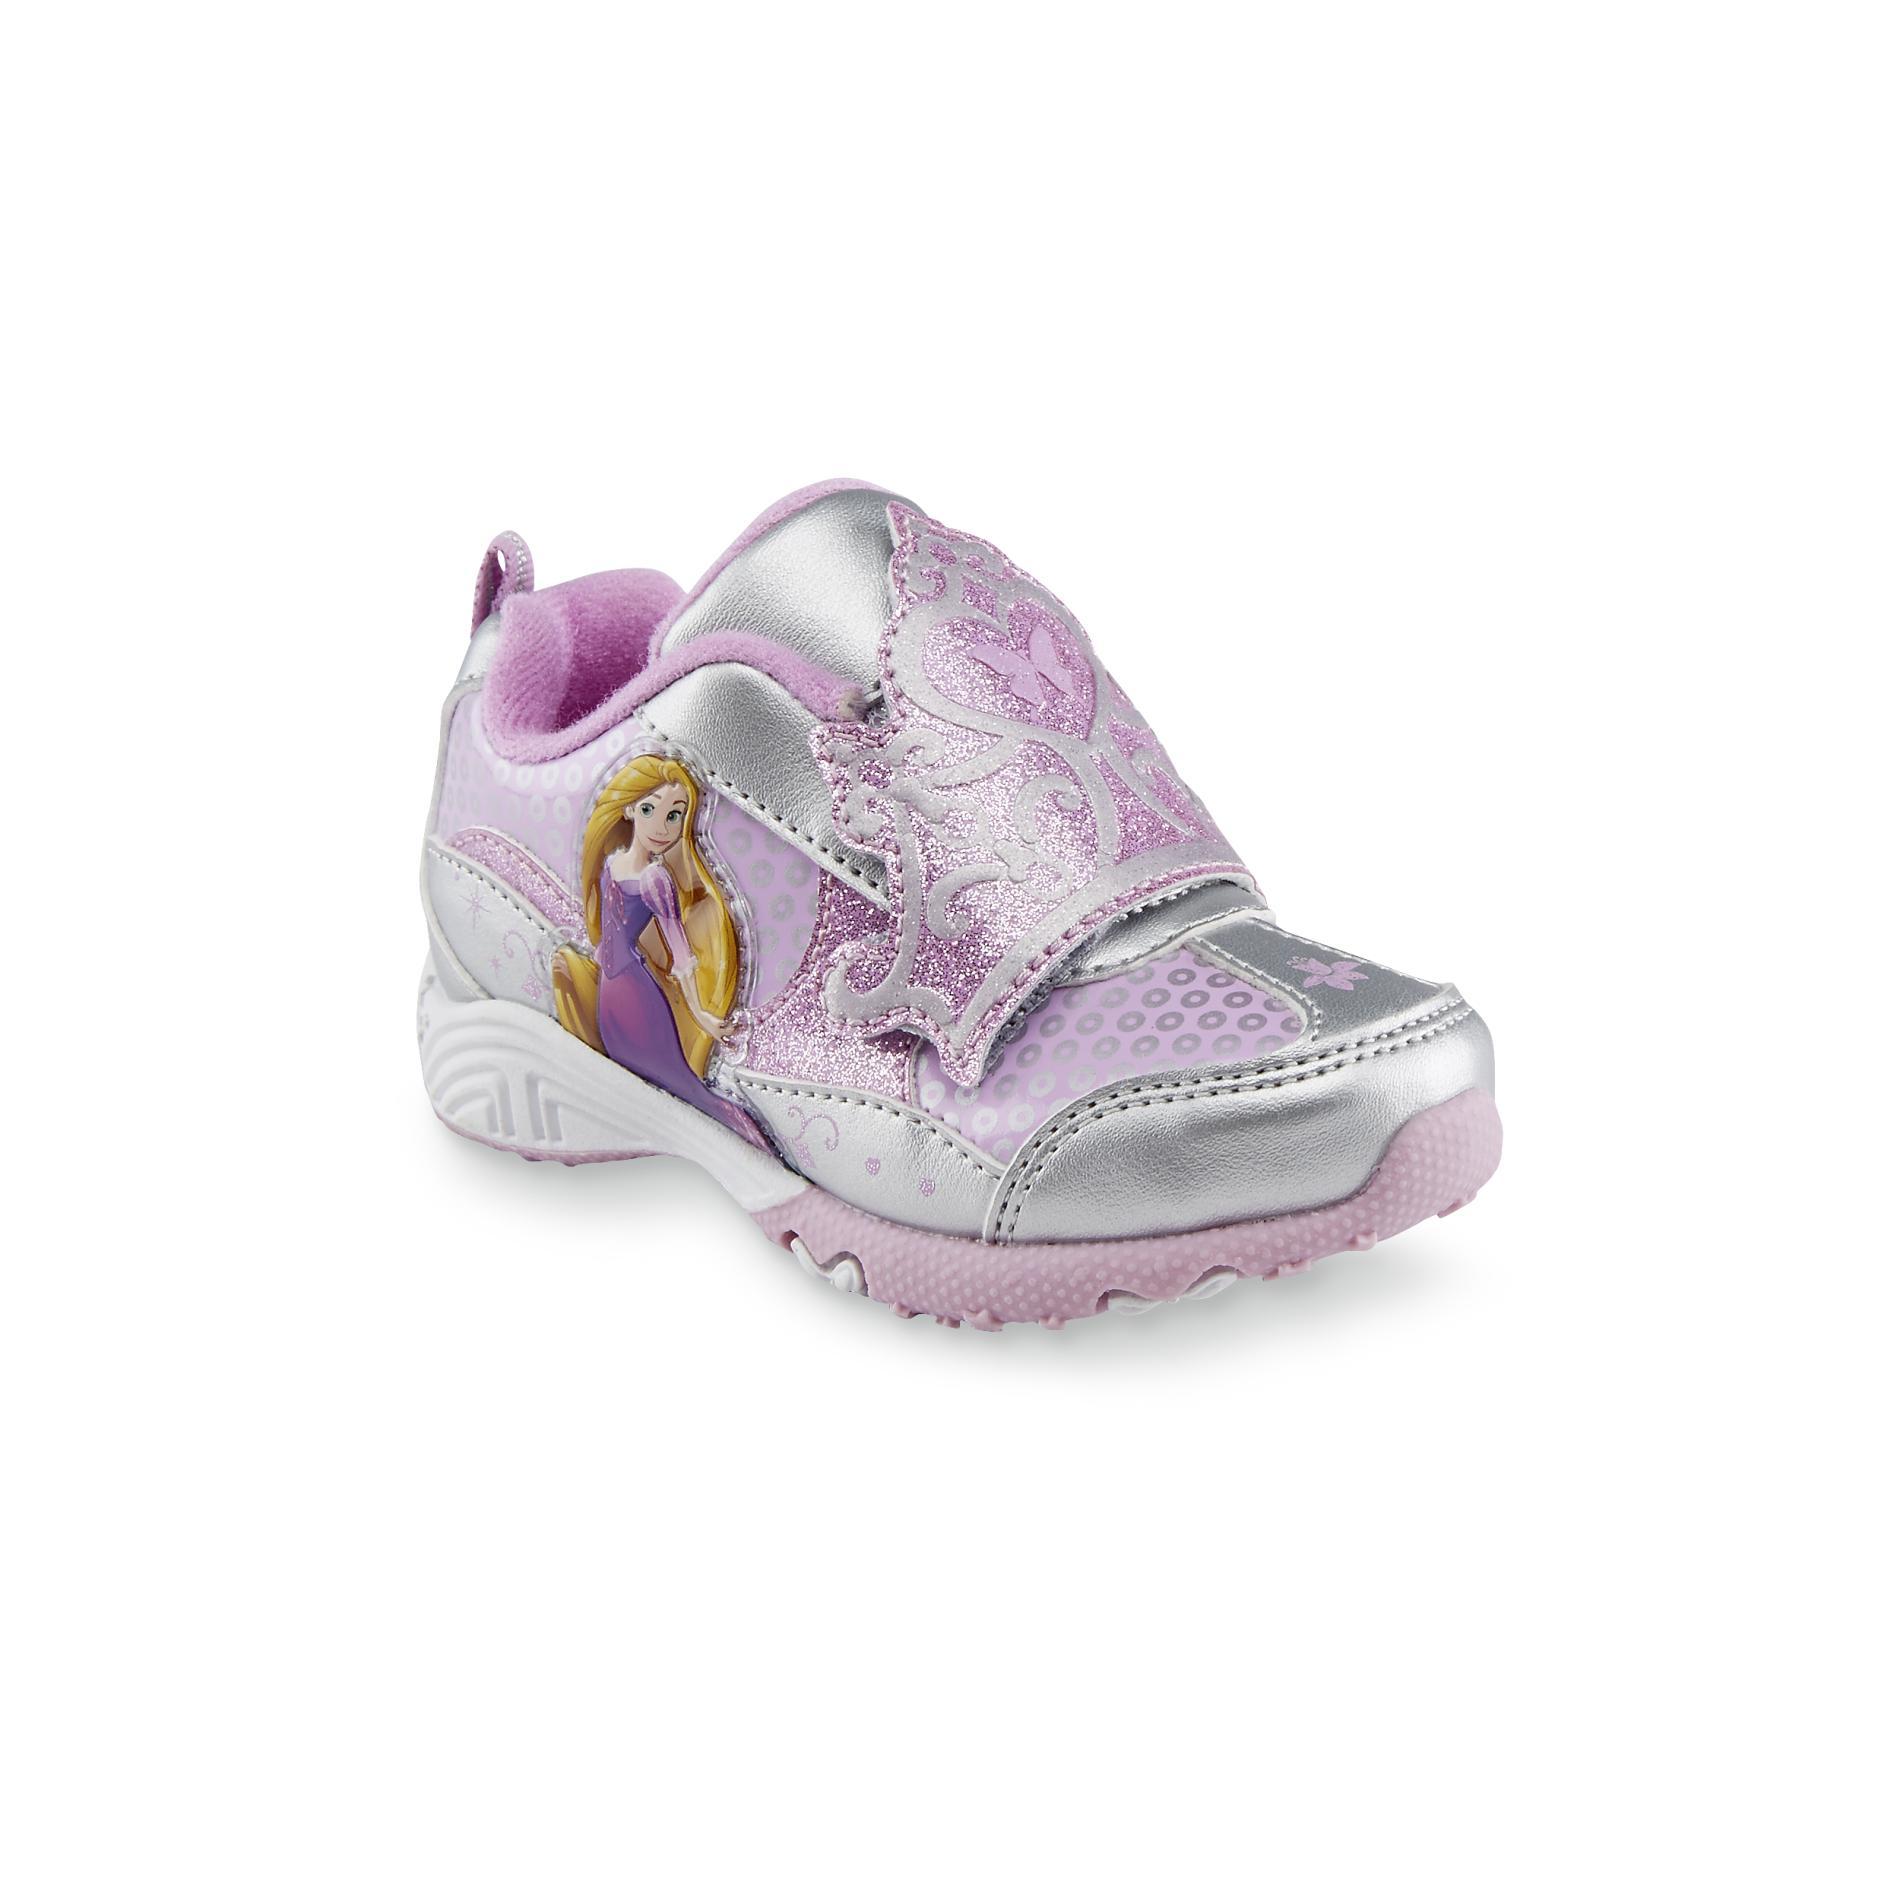 Disney Toddler Girl's Rapunzel Silver/Pink Athletic Shoe